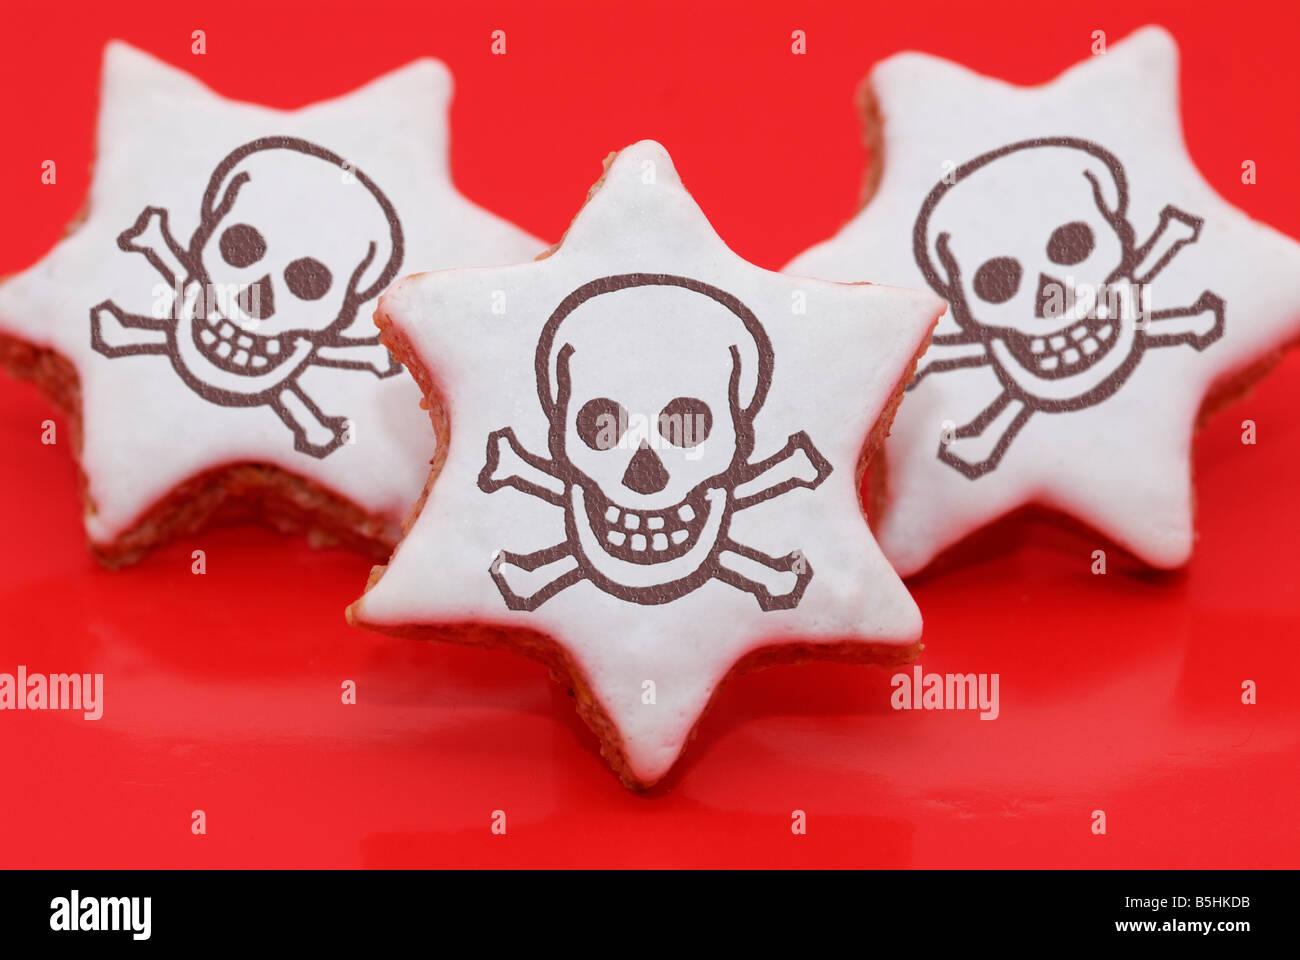 Galletas de Navidad (estrellas de canela) con cráneos como canela, es a veces conterminated con productos tóxicos Foto de stock